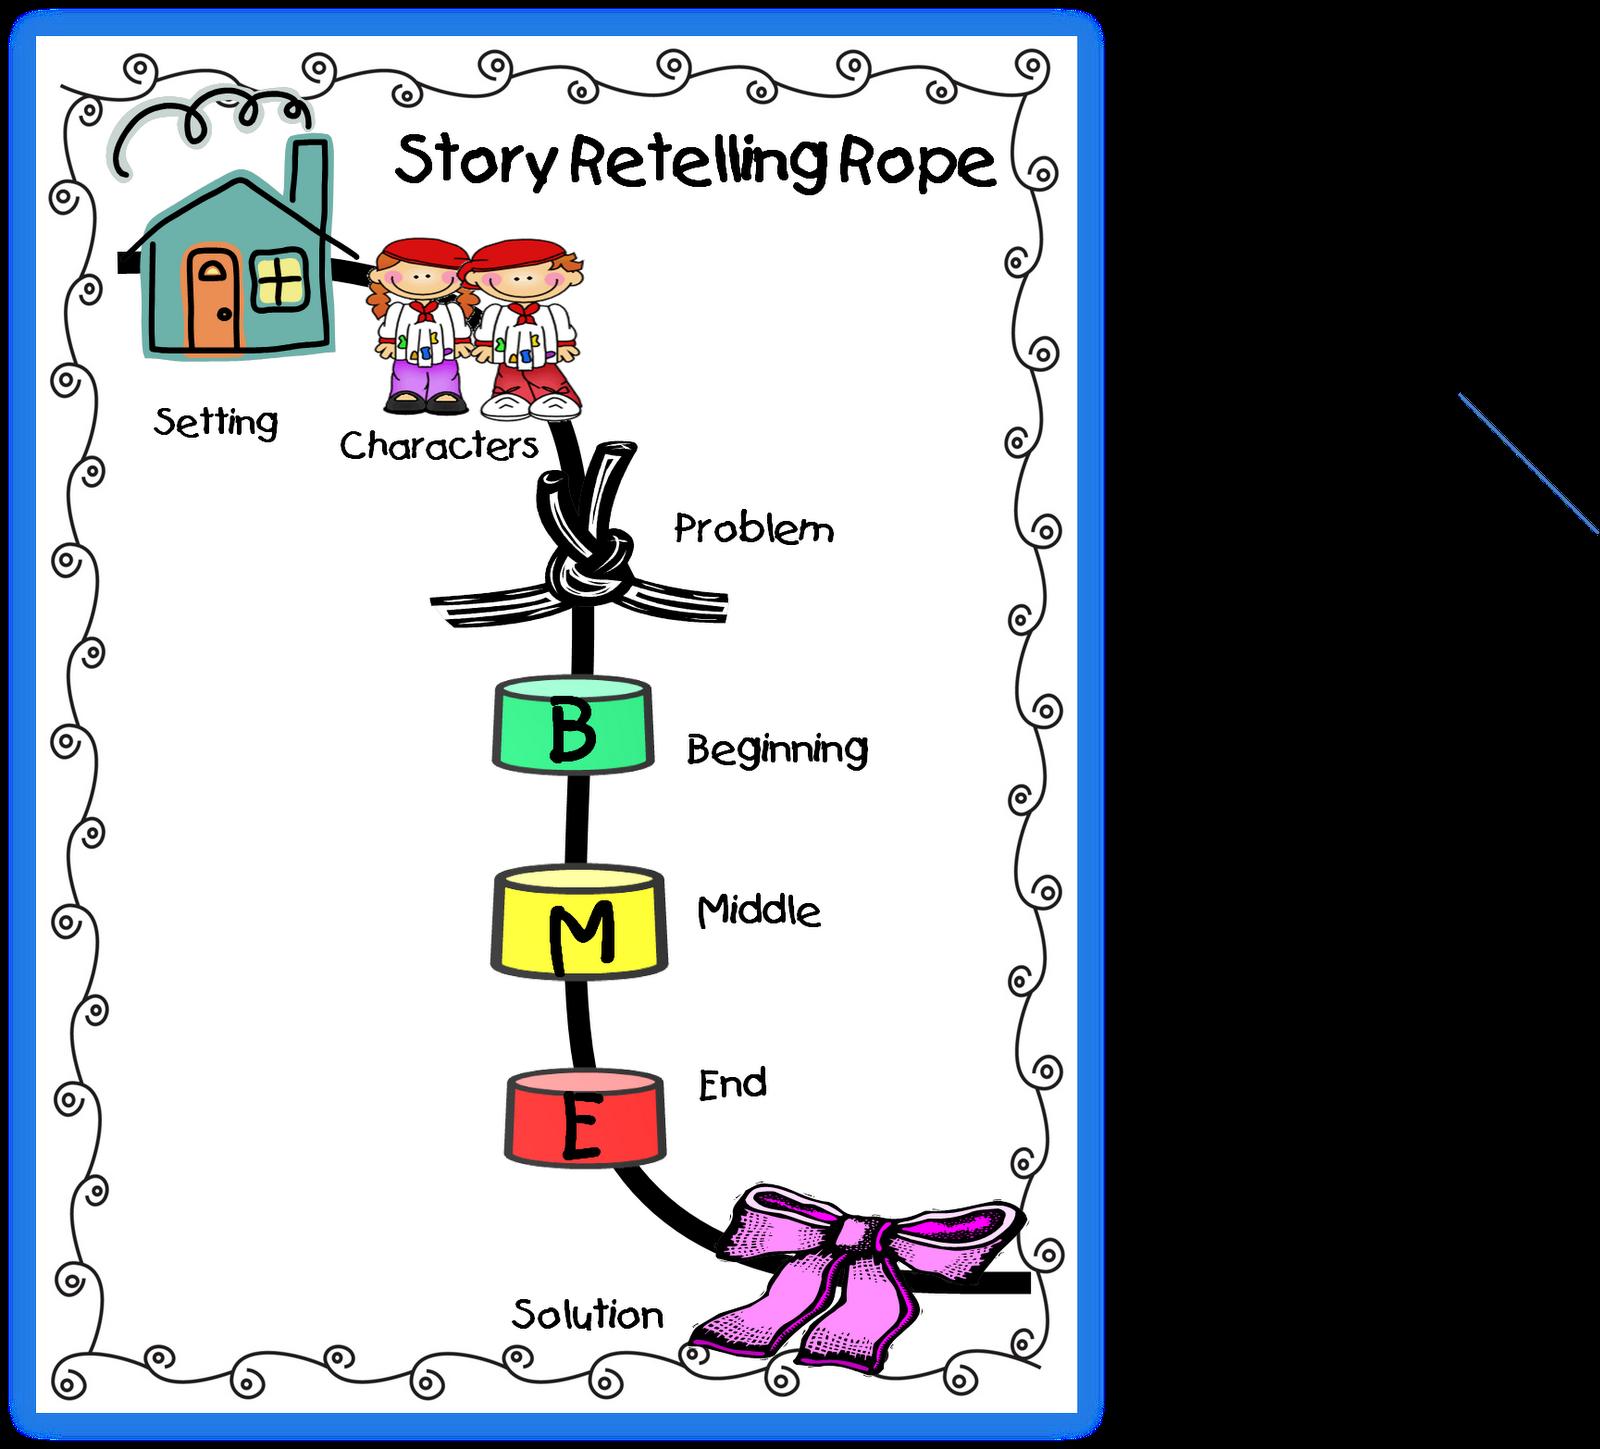 medium resolution of 22 Retelling rope ideas   retelling rope